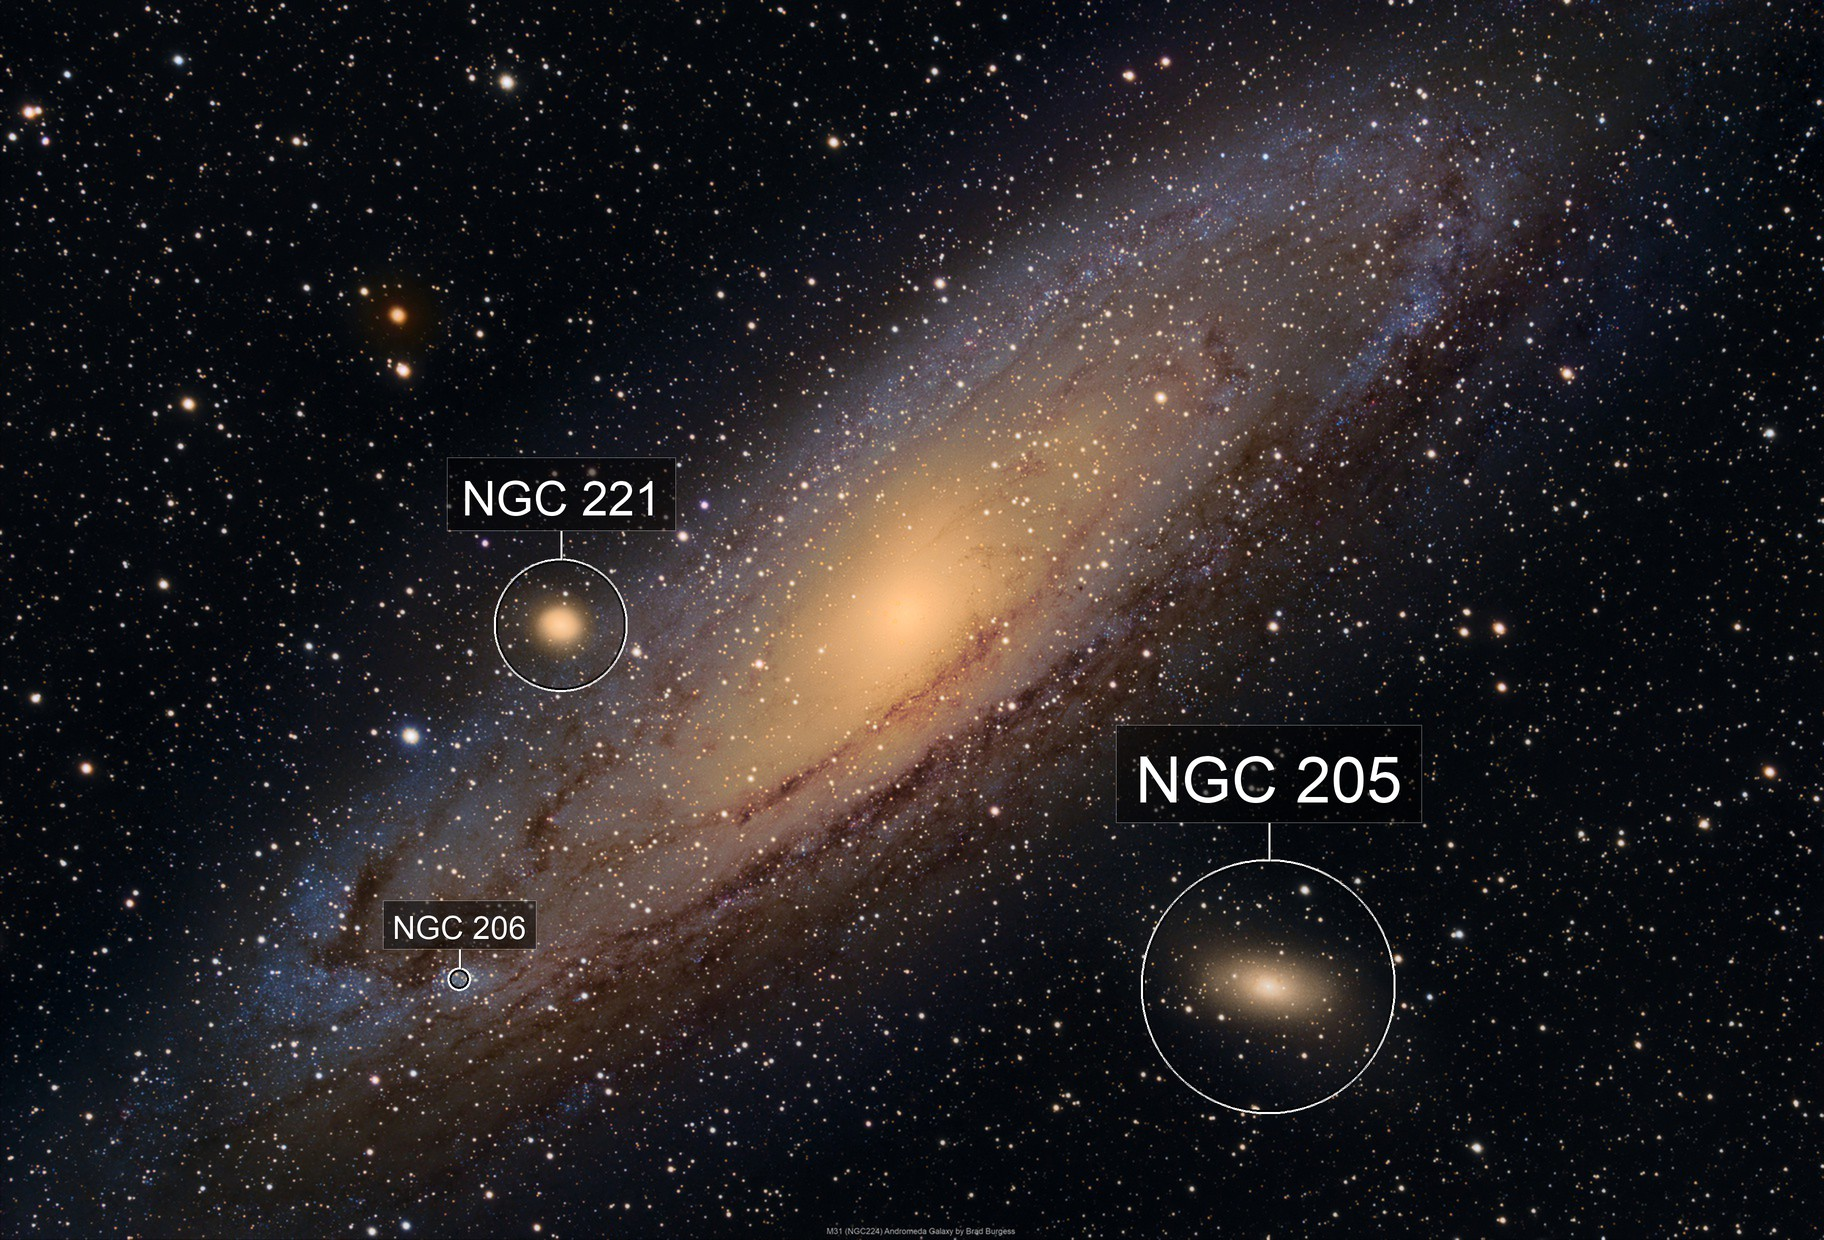 M31 (NGC224) Andromeda Galaxy